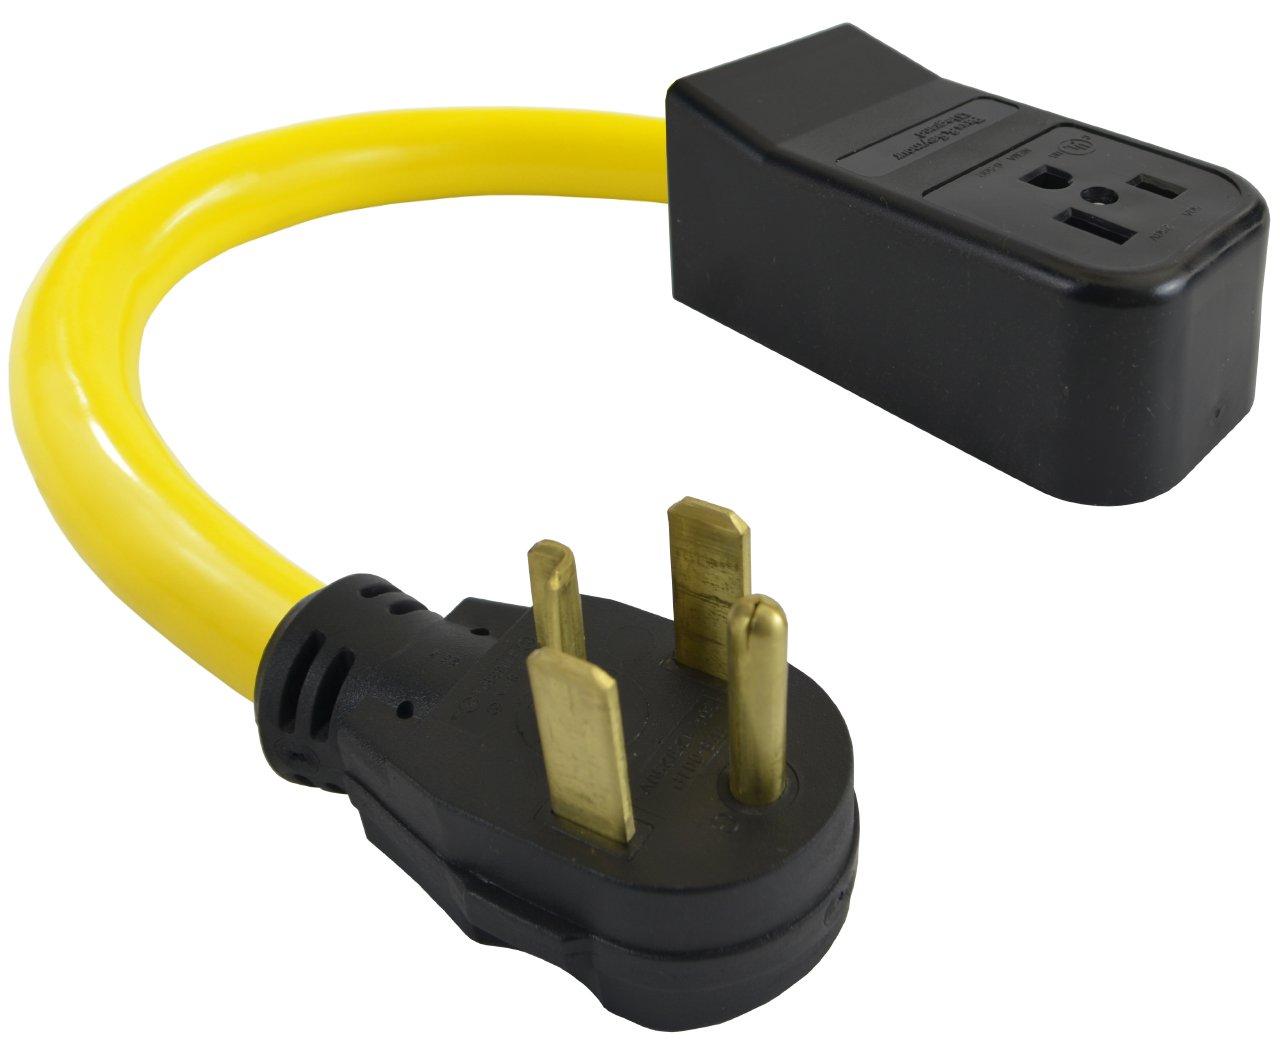 Conntek P1430650 Welder Adapter 4 Prong Dryer 14-30P Plug to NEMA 6-50R 50 Amp 250-volt Adapter Cord